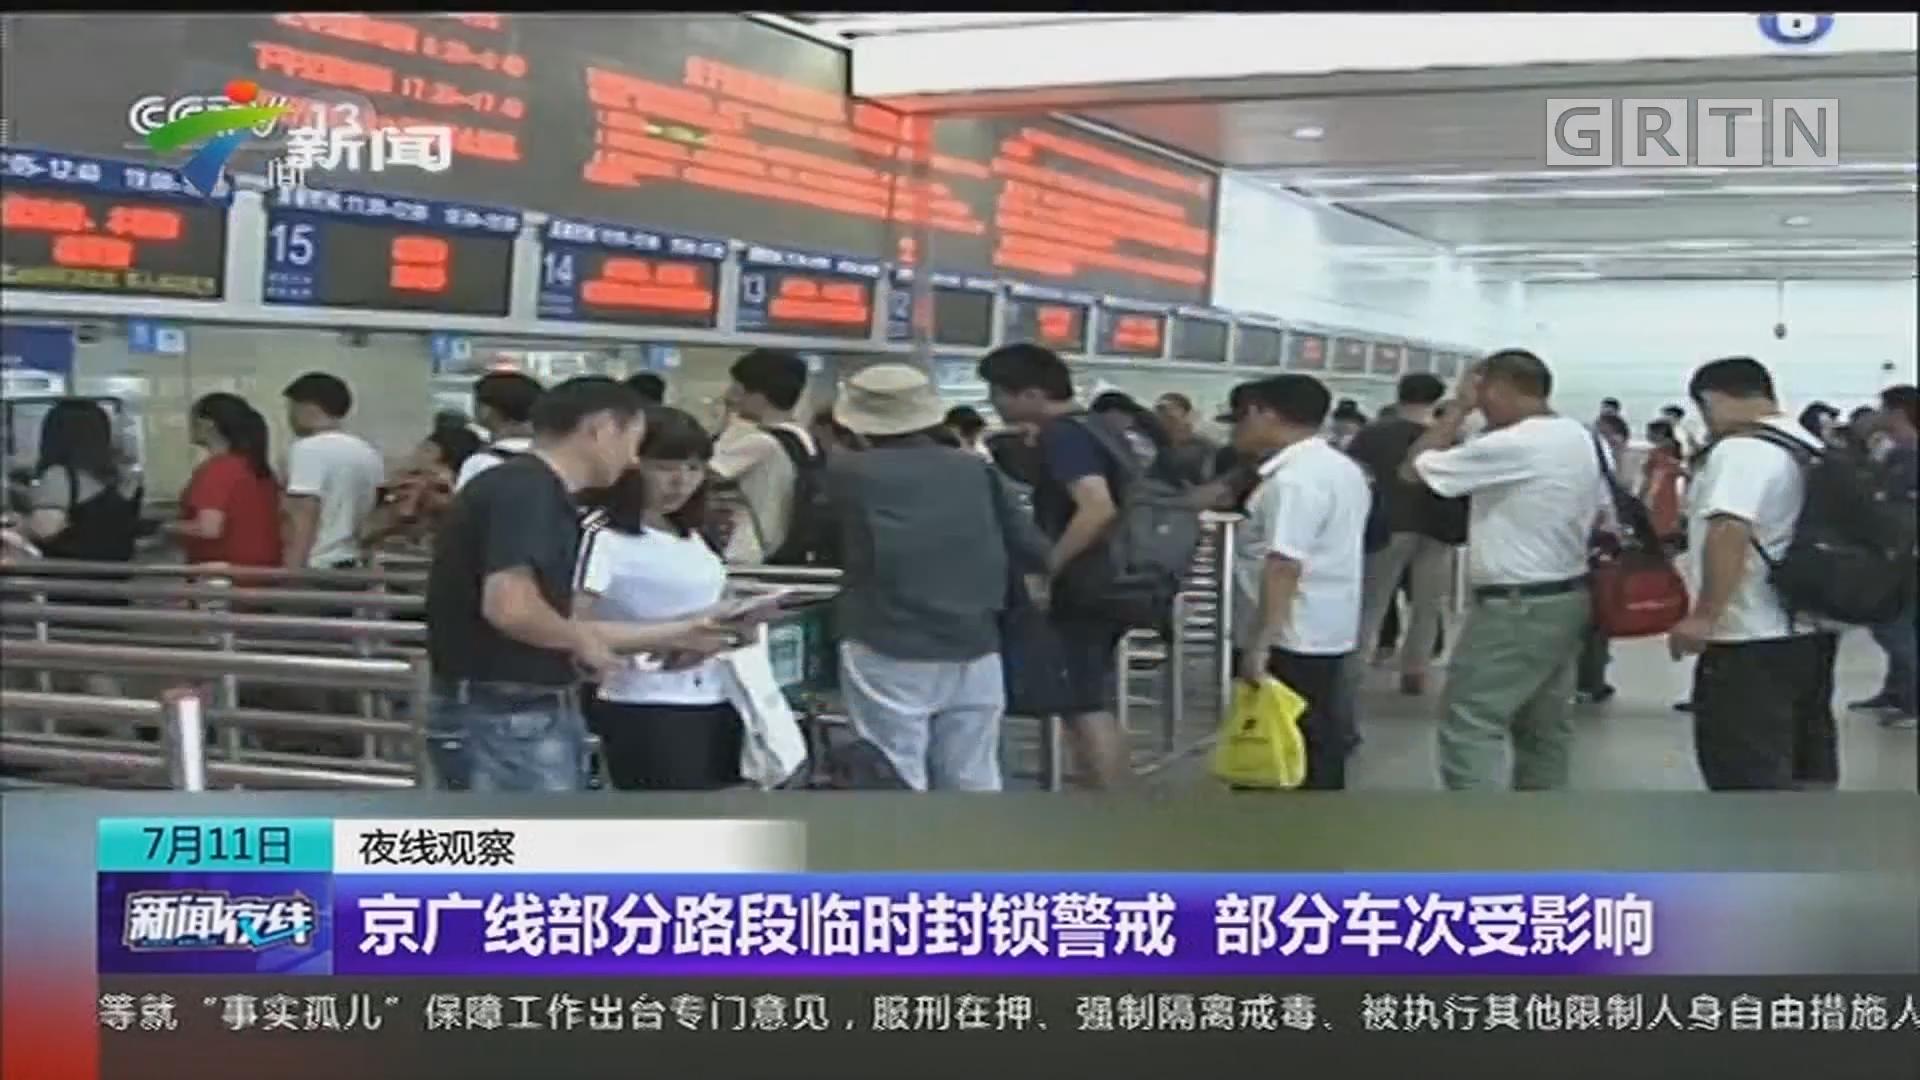 京广线部分路段临时封锁警戒 部分车次受影响